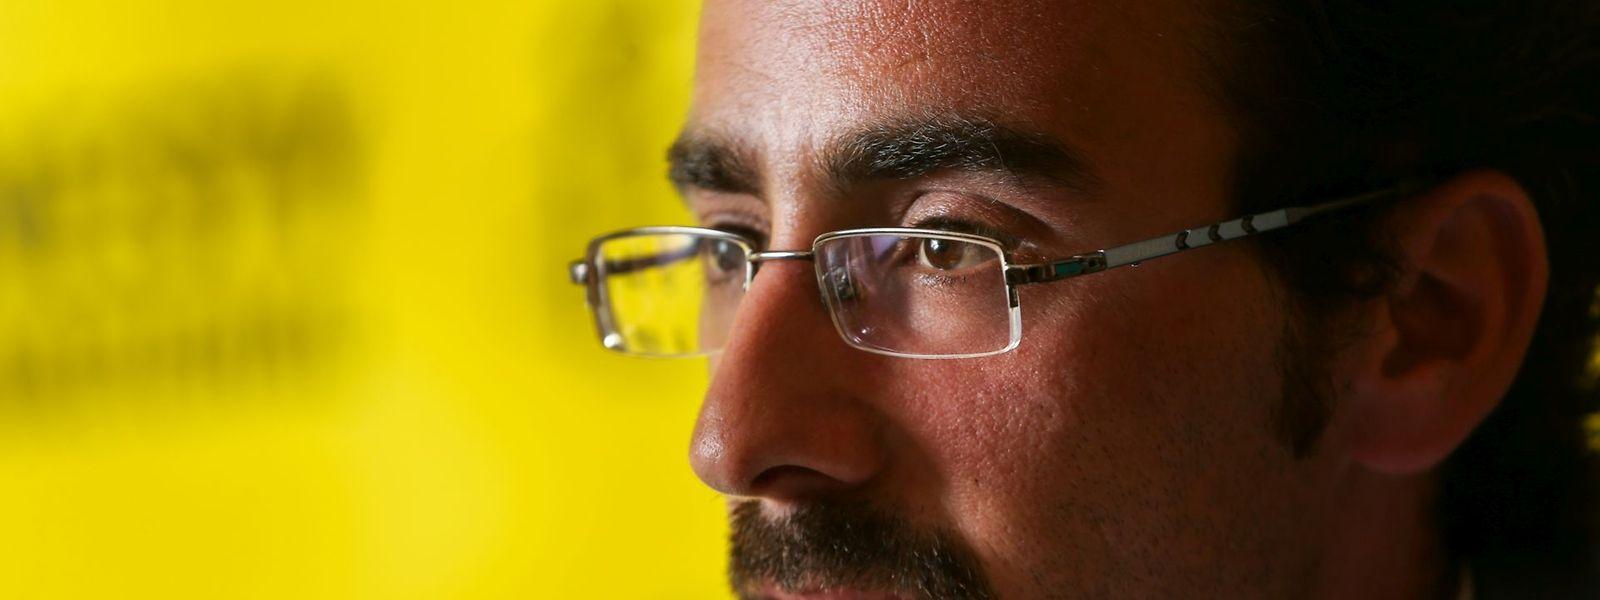 Riad Taha est arrivé au Luxembourg il y a deux ans. Il s'apprête déjà à monter son entreprise.